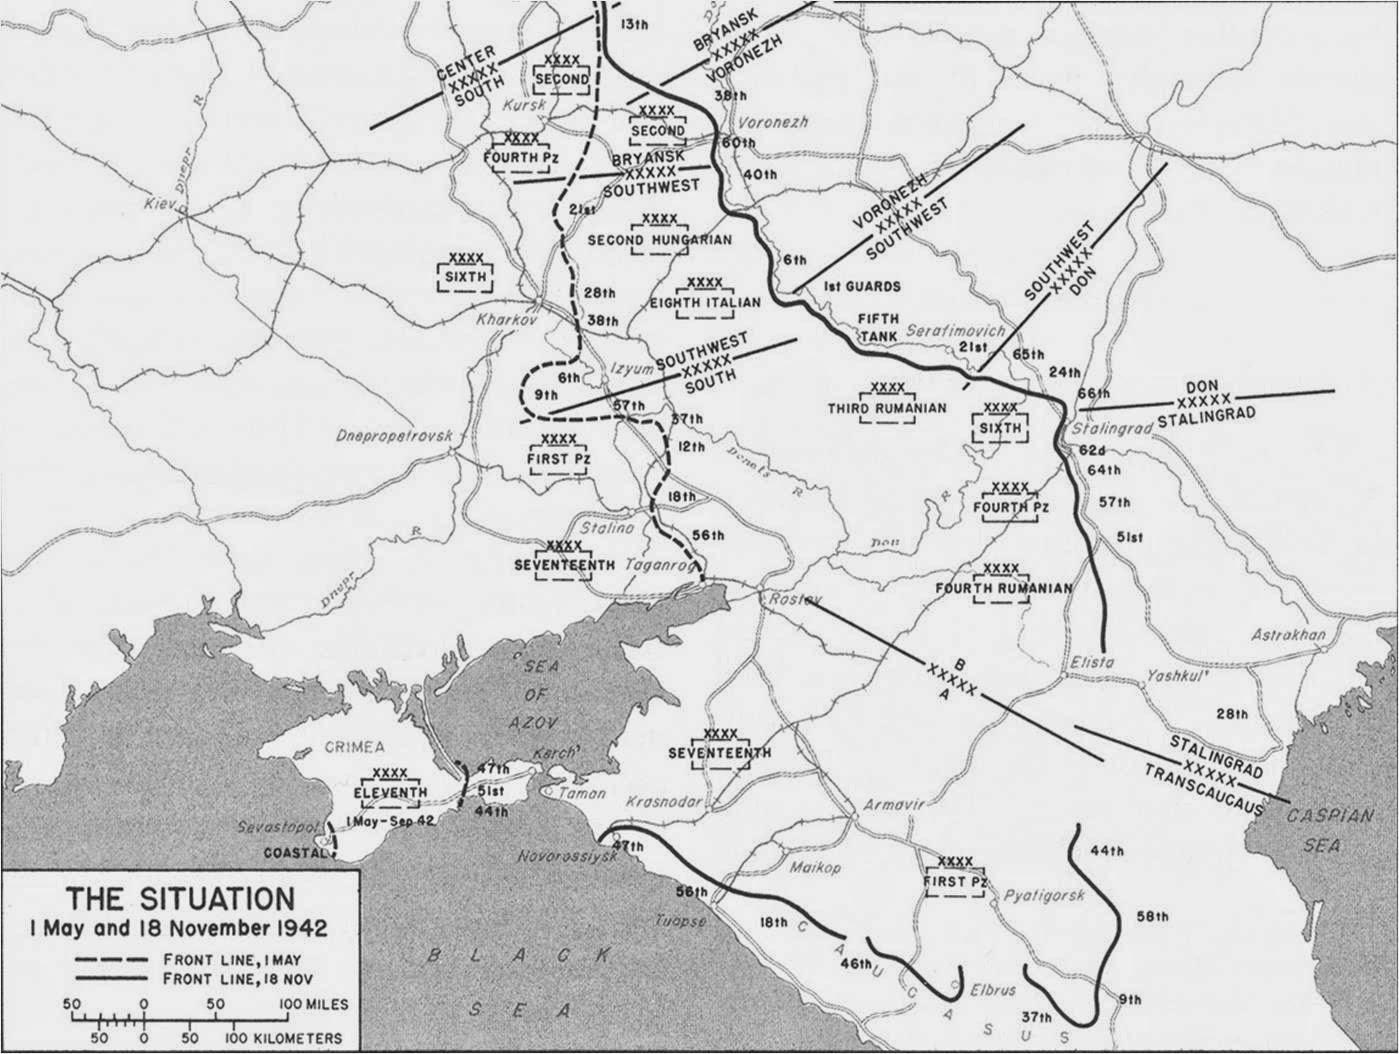 Eastern Front November 18, 1942